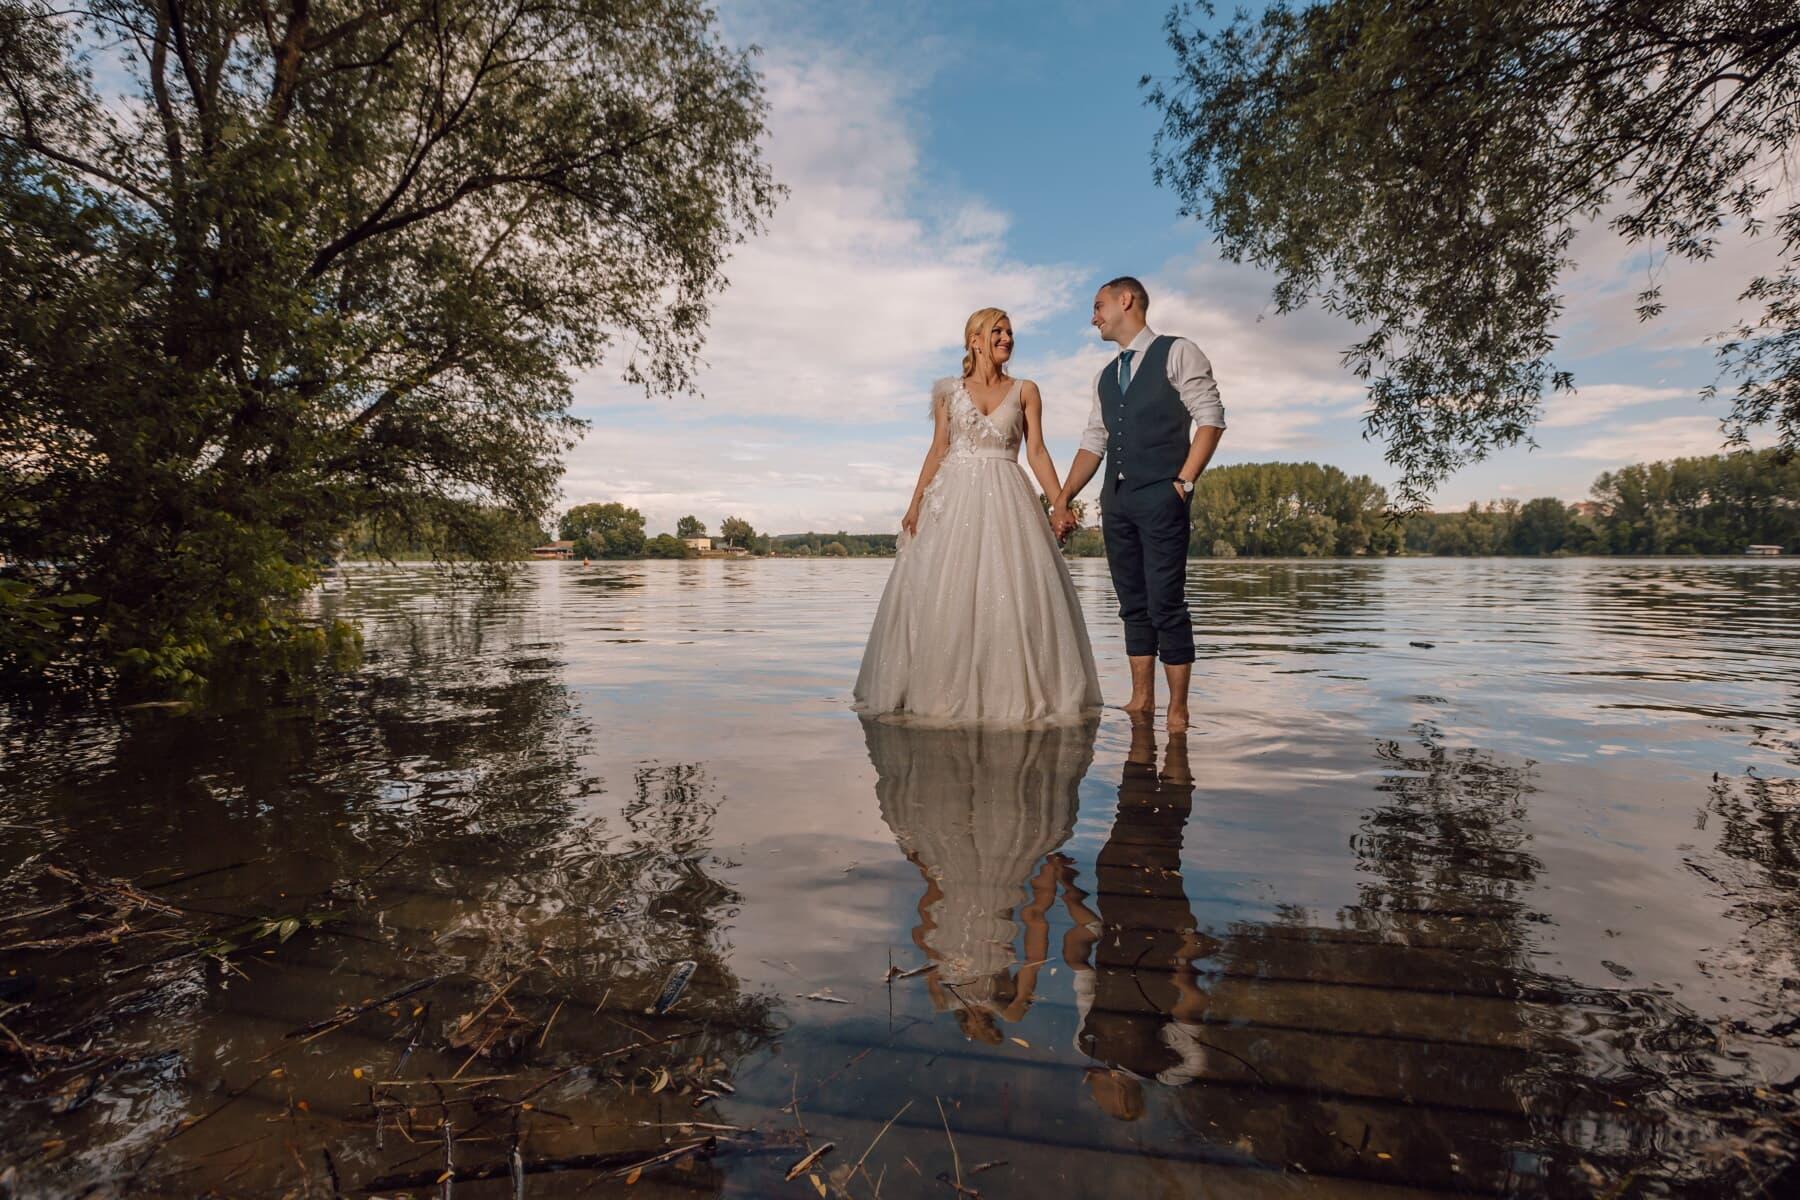 tout juste marié, debout, Lac, pieds nus, passion, date d'amour, affection, souriant, la mariée, jeune fille